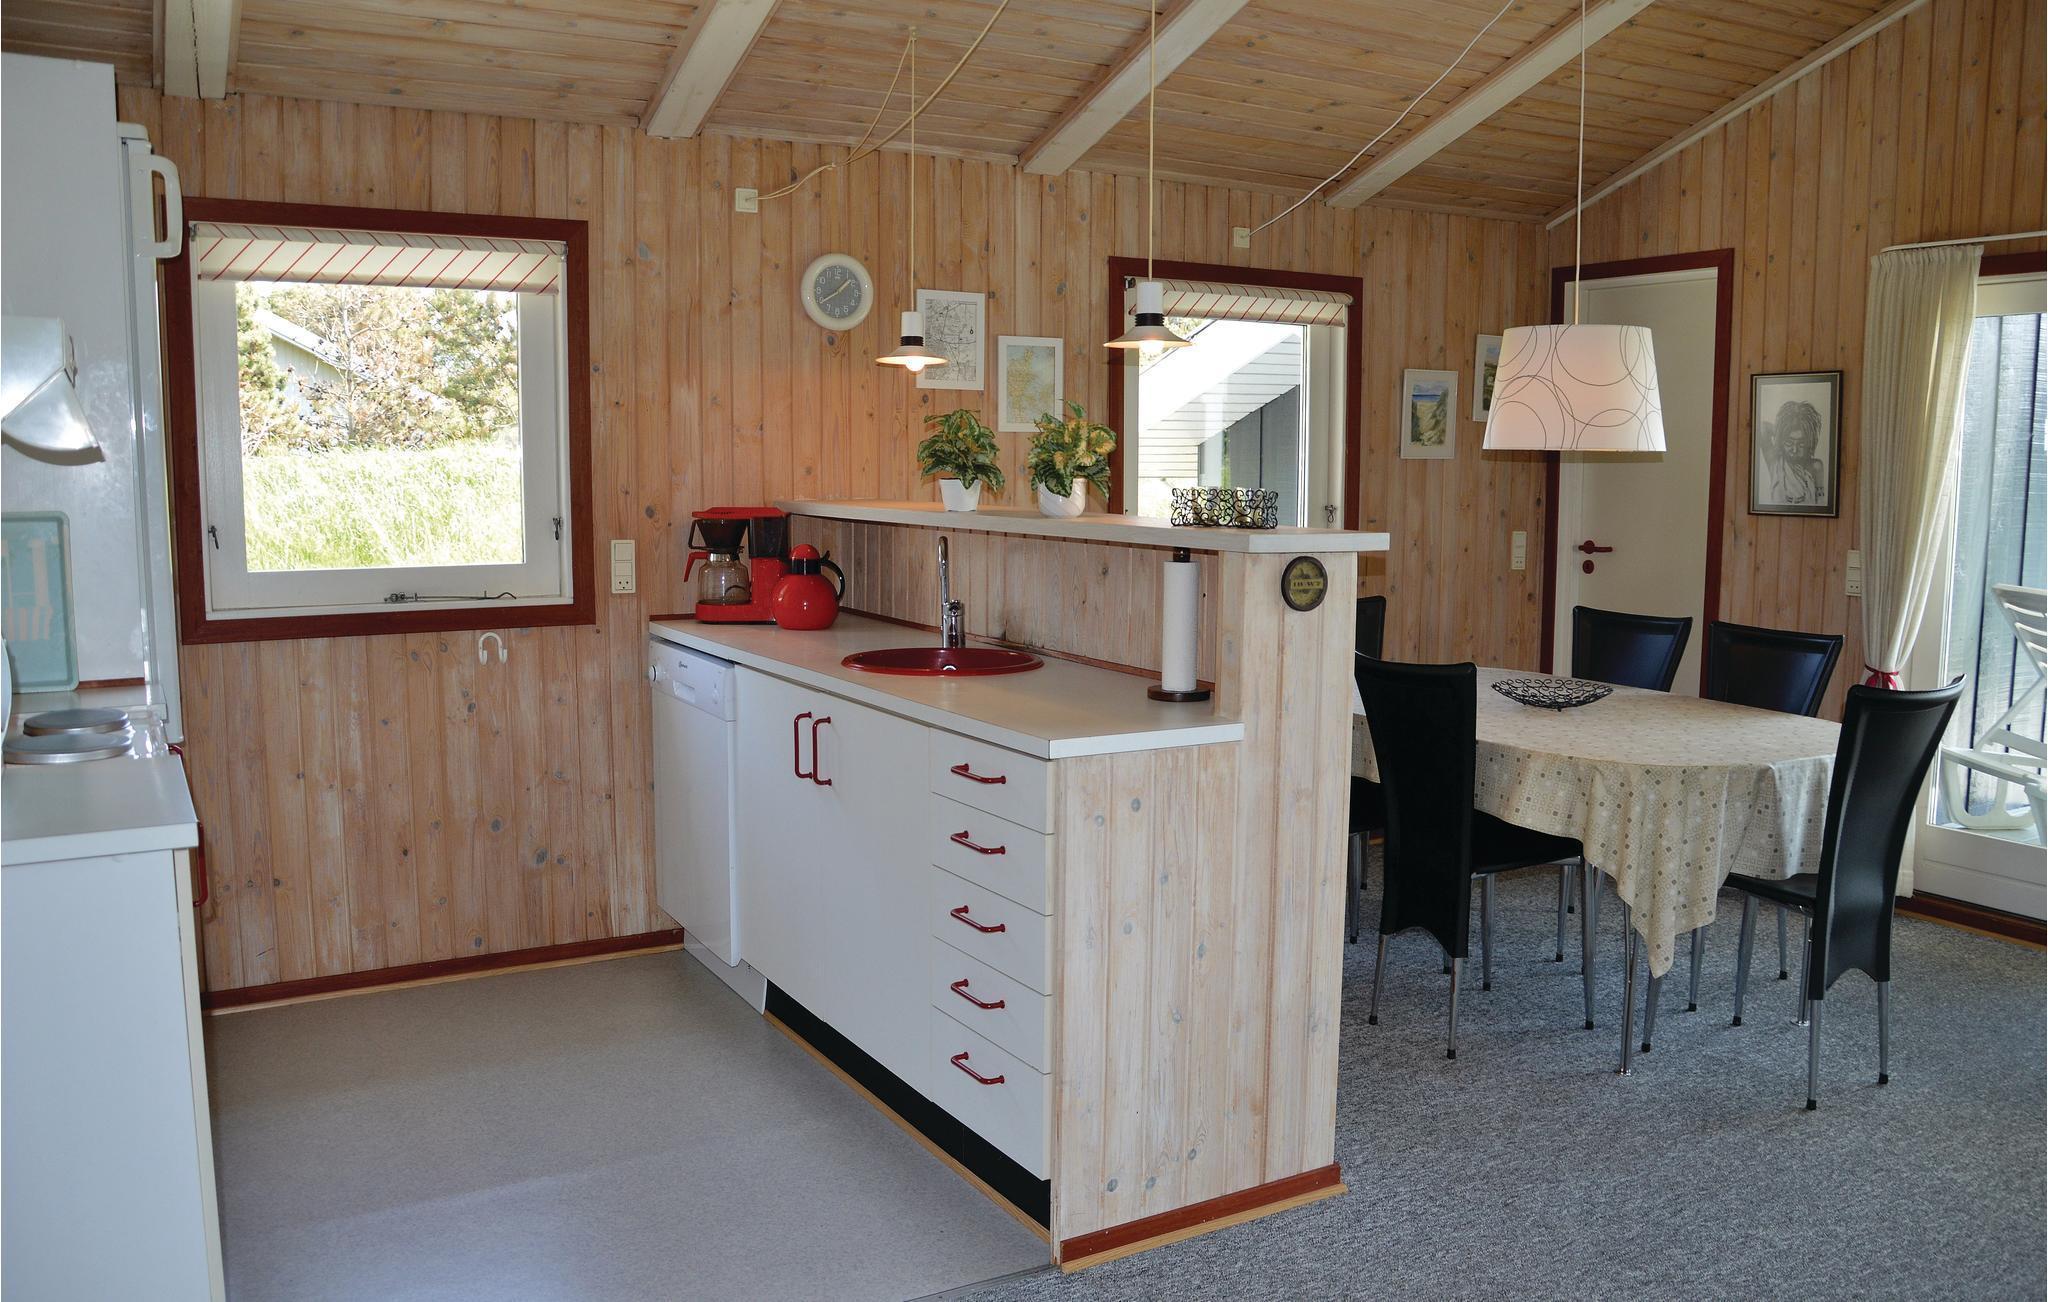 ferienhaus 6 personen lyngvejen klegod 6950. Black Bedroom Furniture Sets. Home Design Ideas